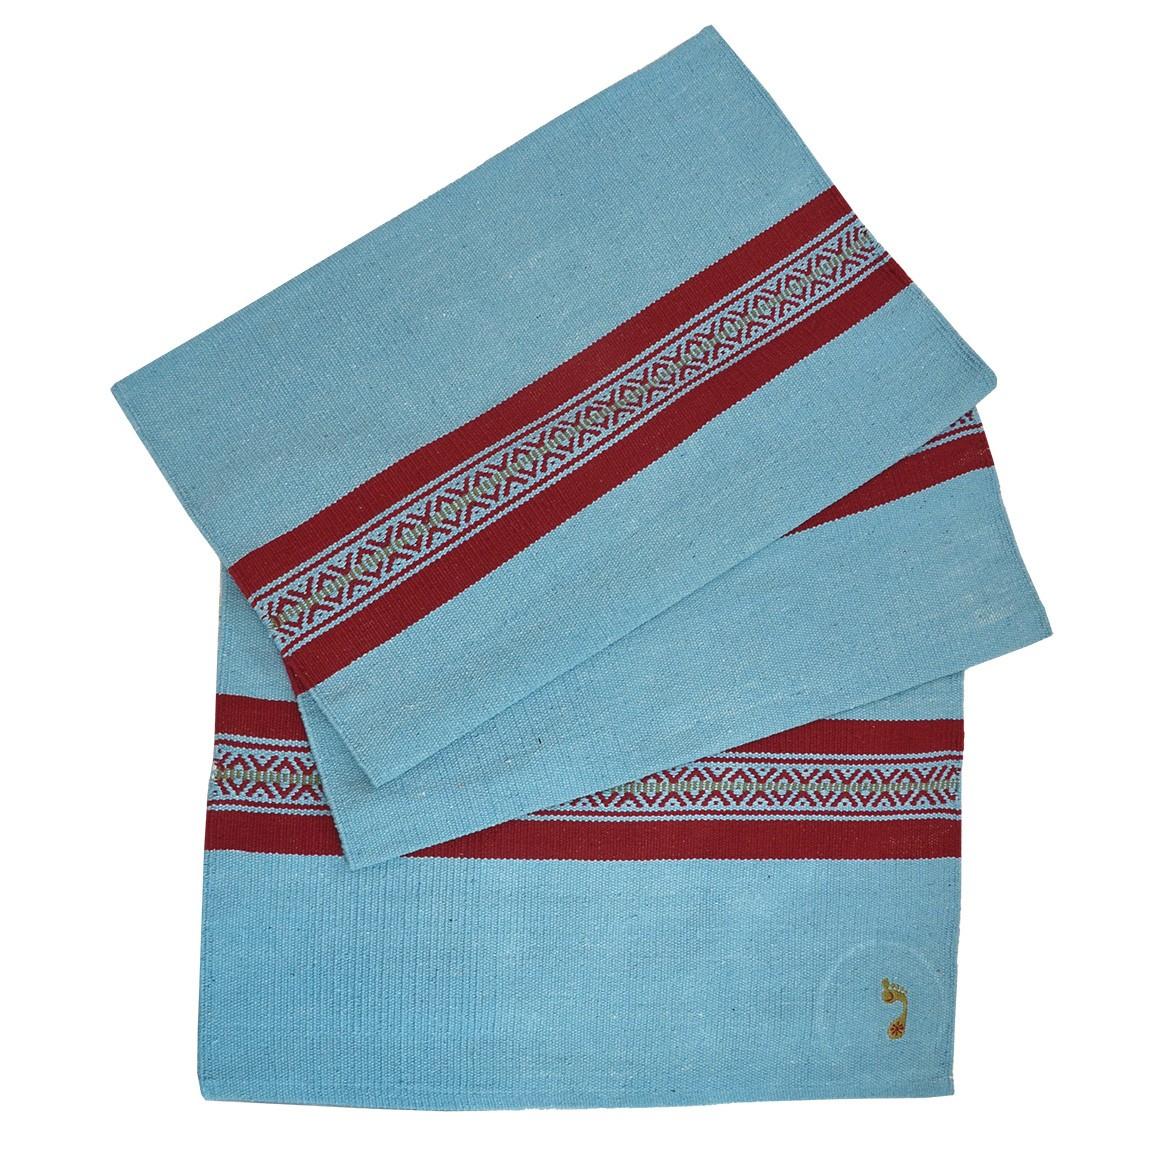 Calcutta Practice Rug